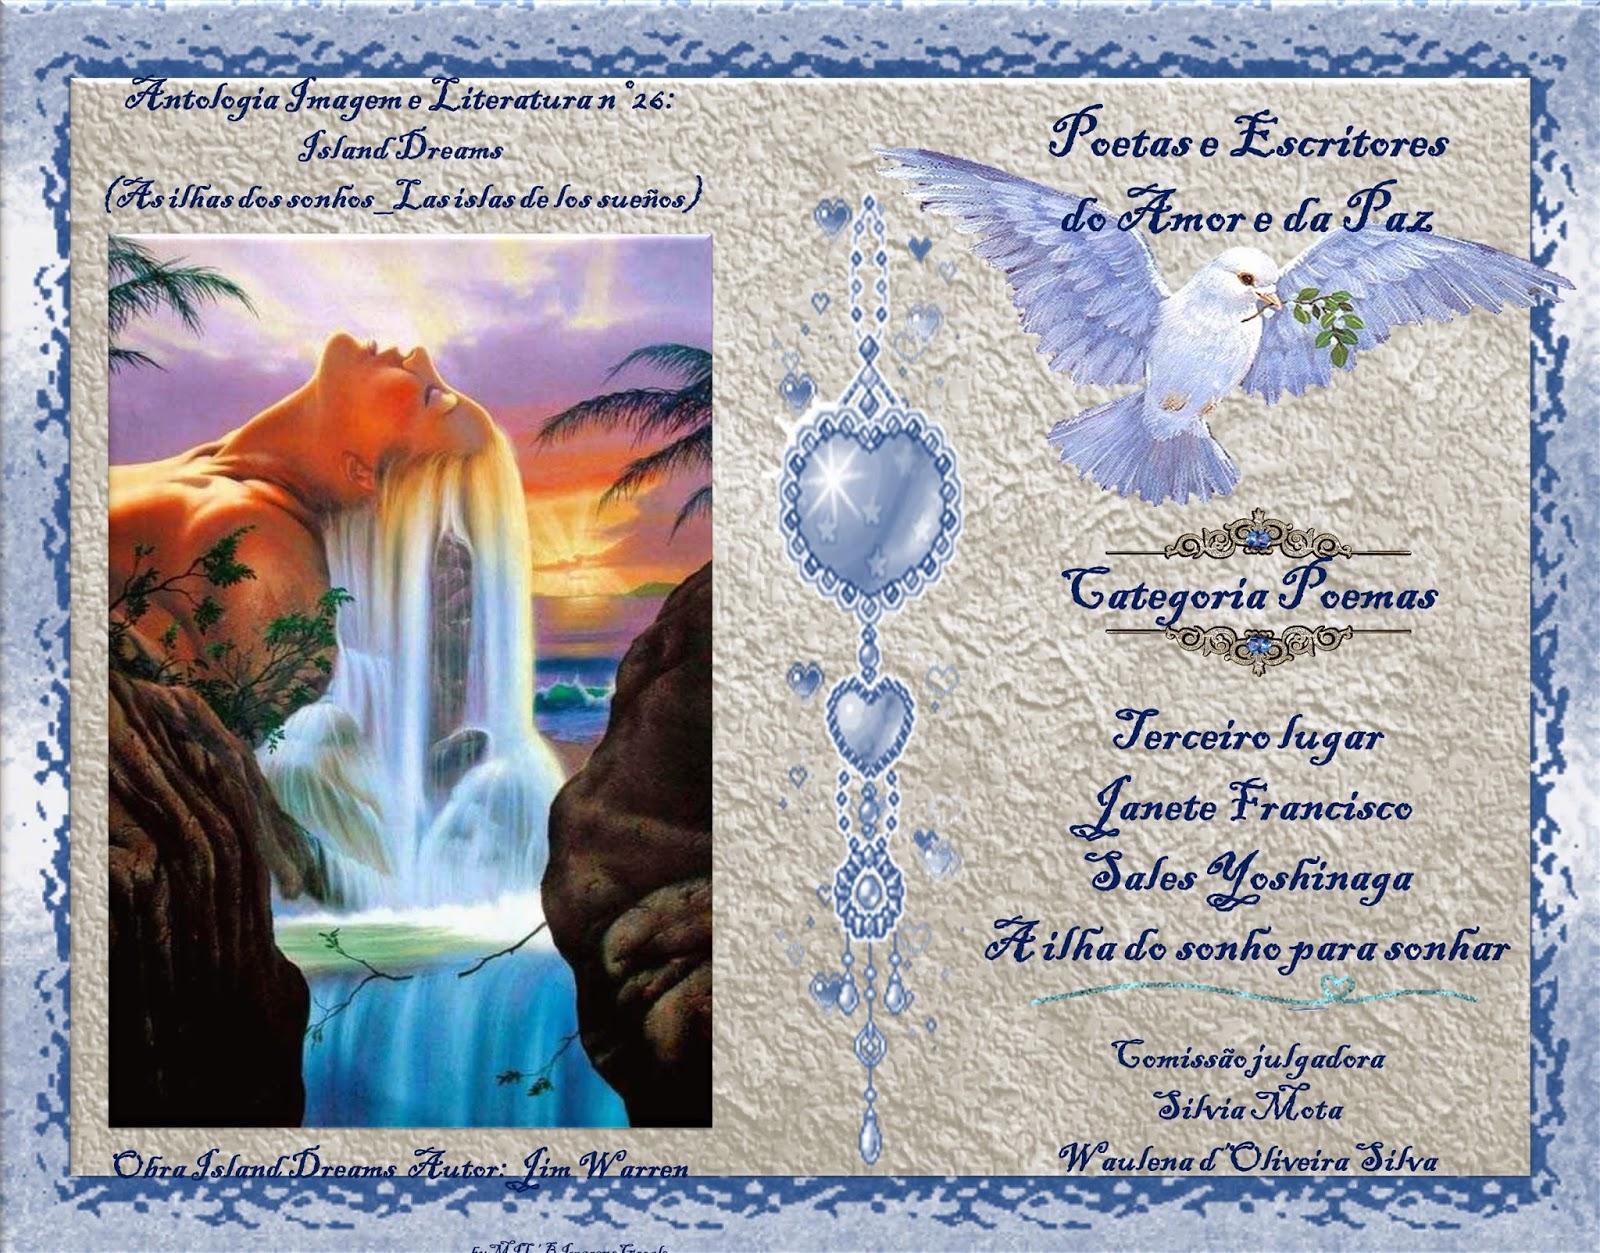 http://silviamota.ning.com/group/antologia-imagem-e-literatura/forum/topics/a-ilha-do-sonho-para-sonhar?xg_source=activity